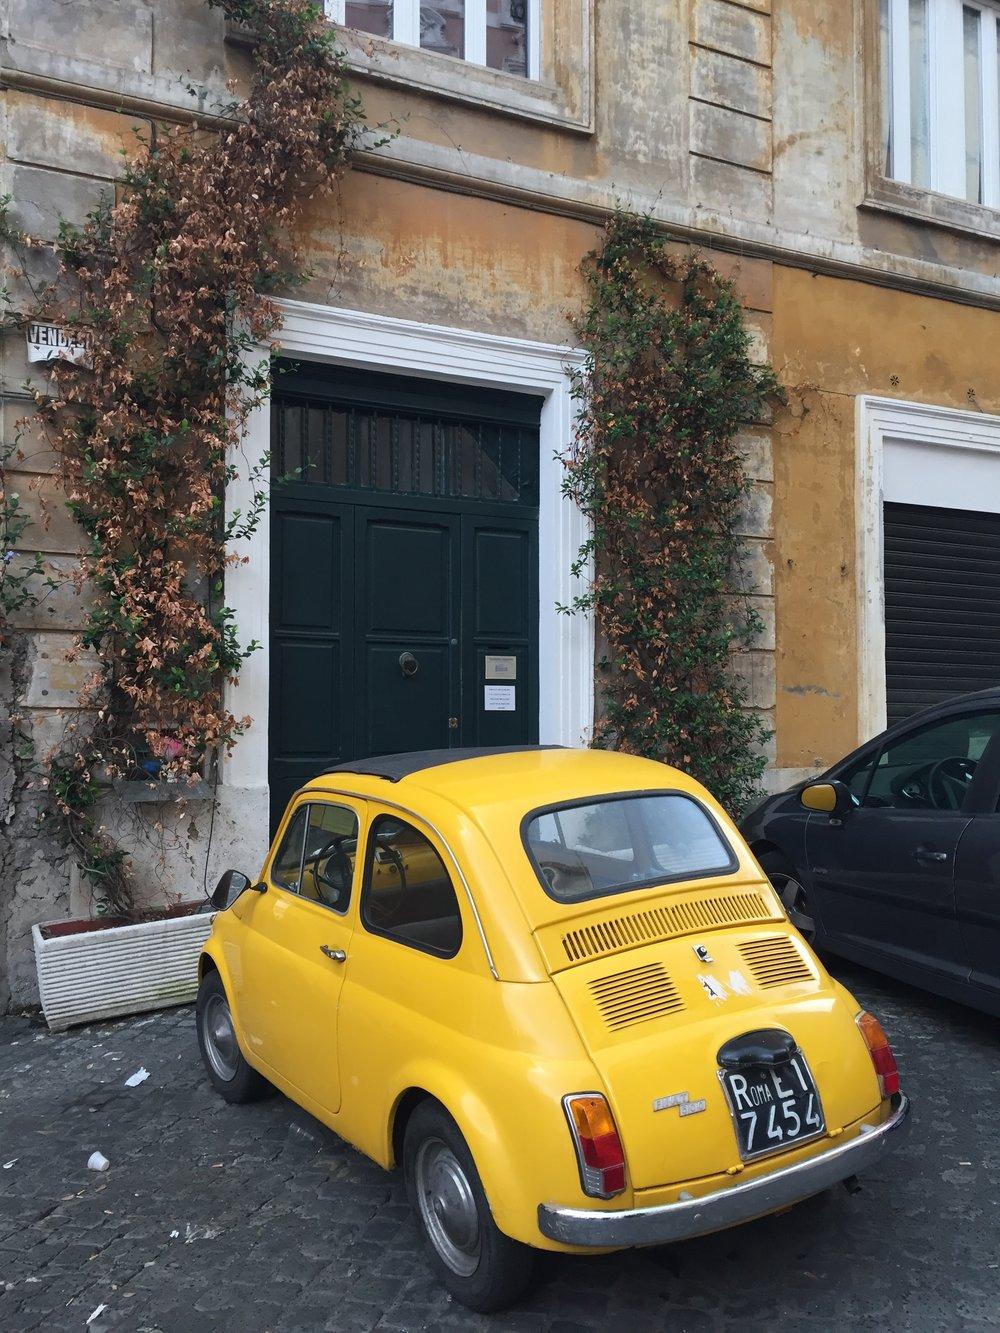 Fiat 500 in Rome.